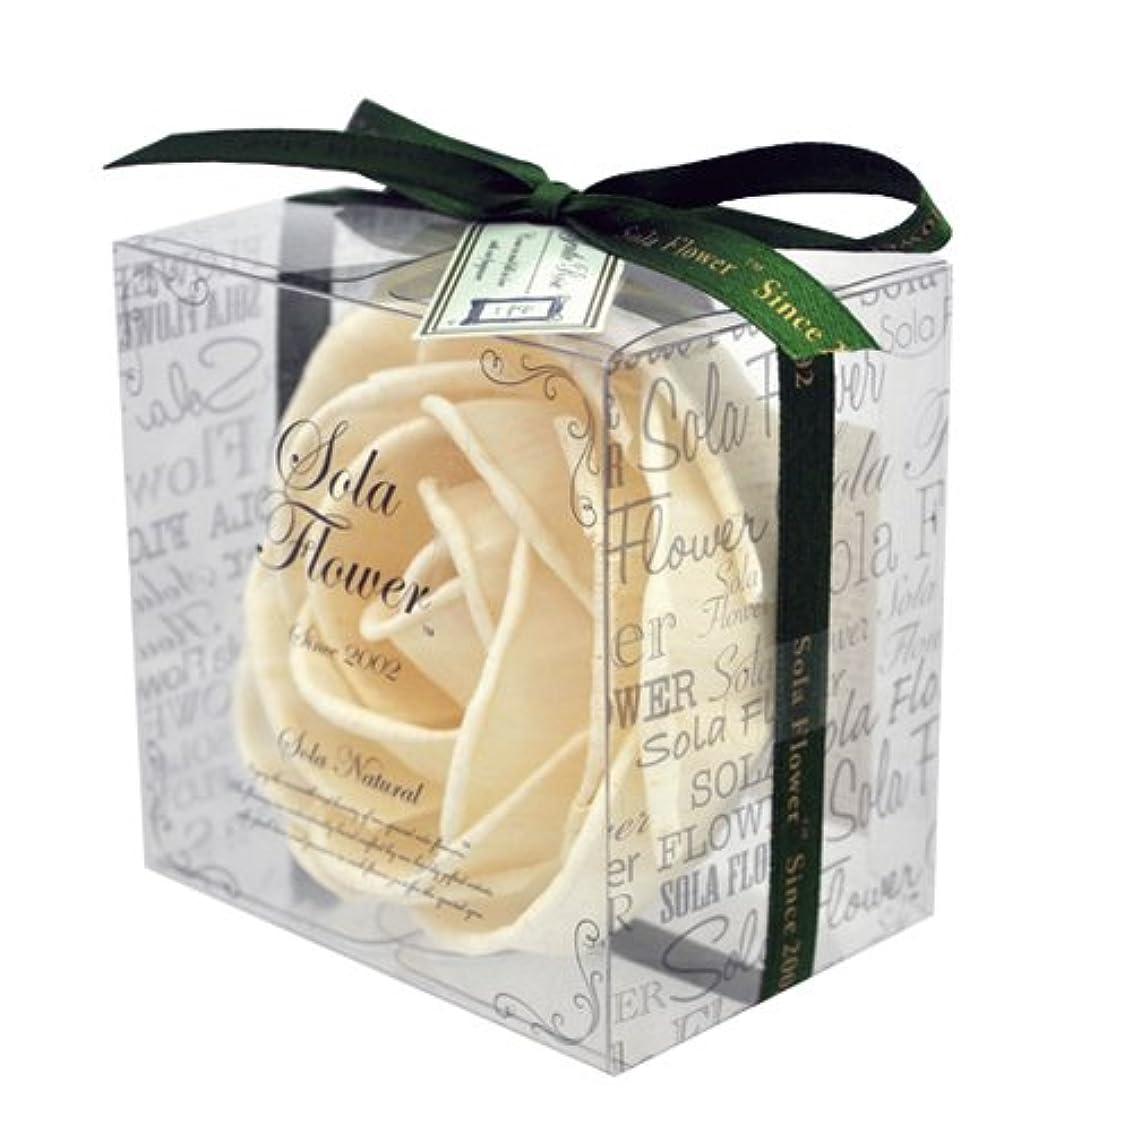 強打現金一生new Sola Flower ソラフラワー ナチュラル Gentle Rose ジェントルローズ Natural